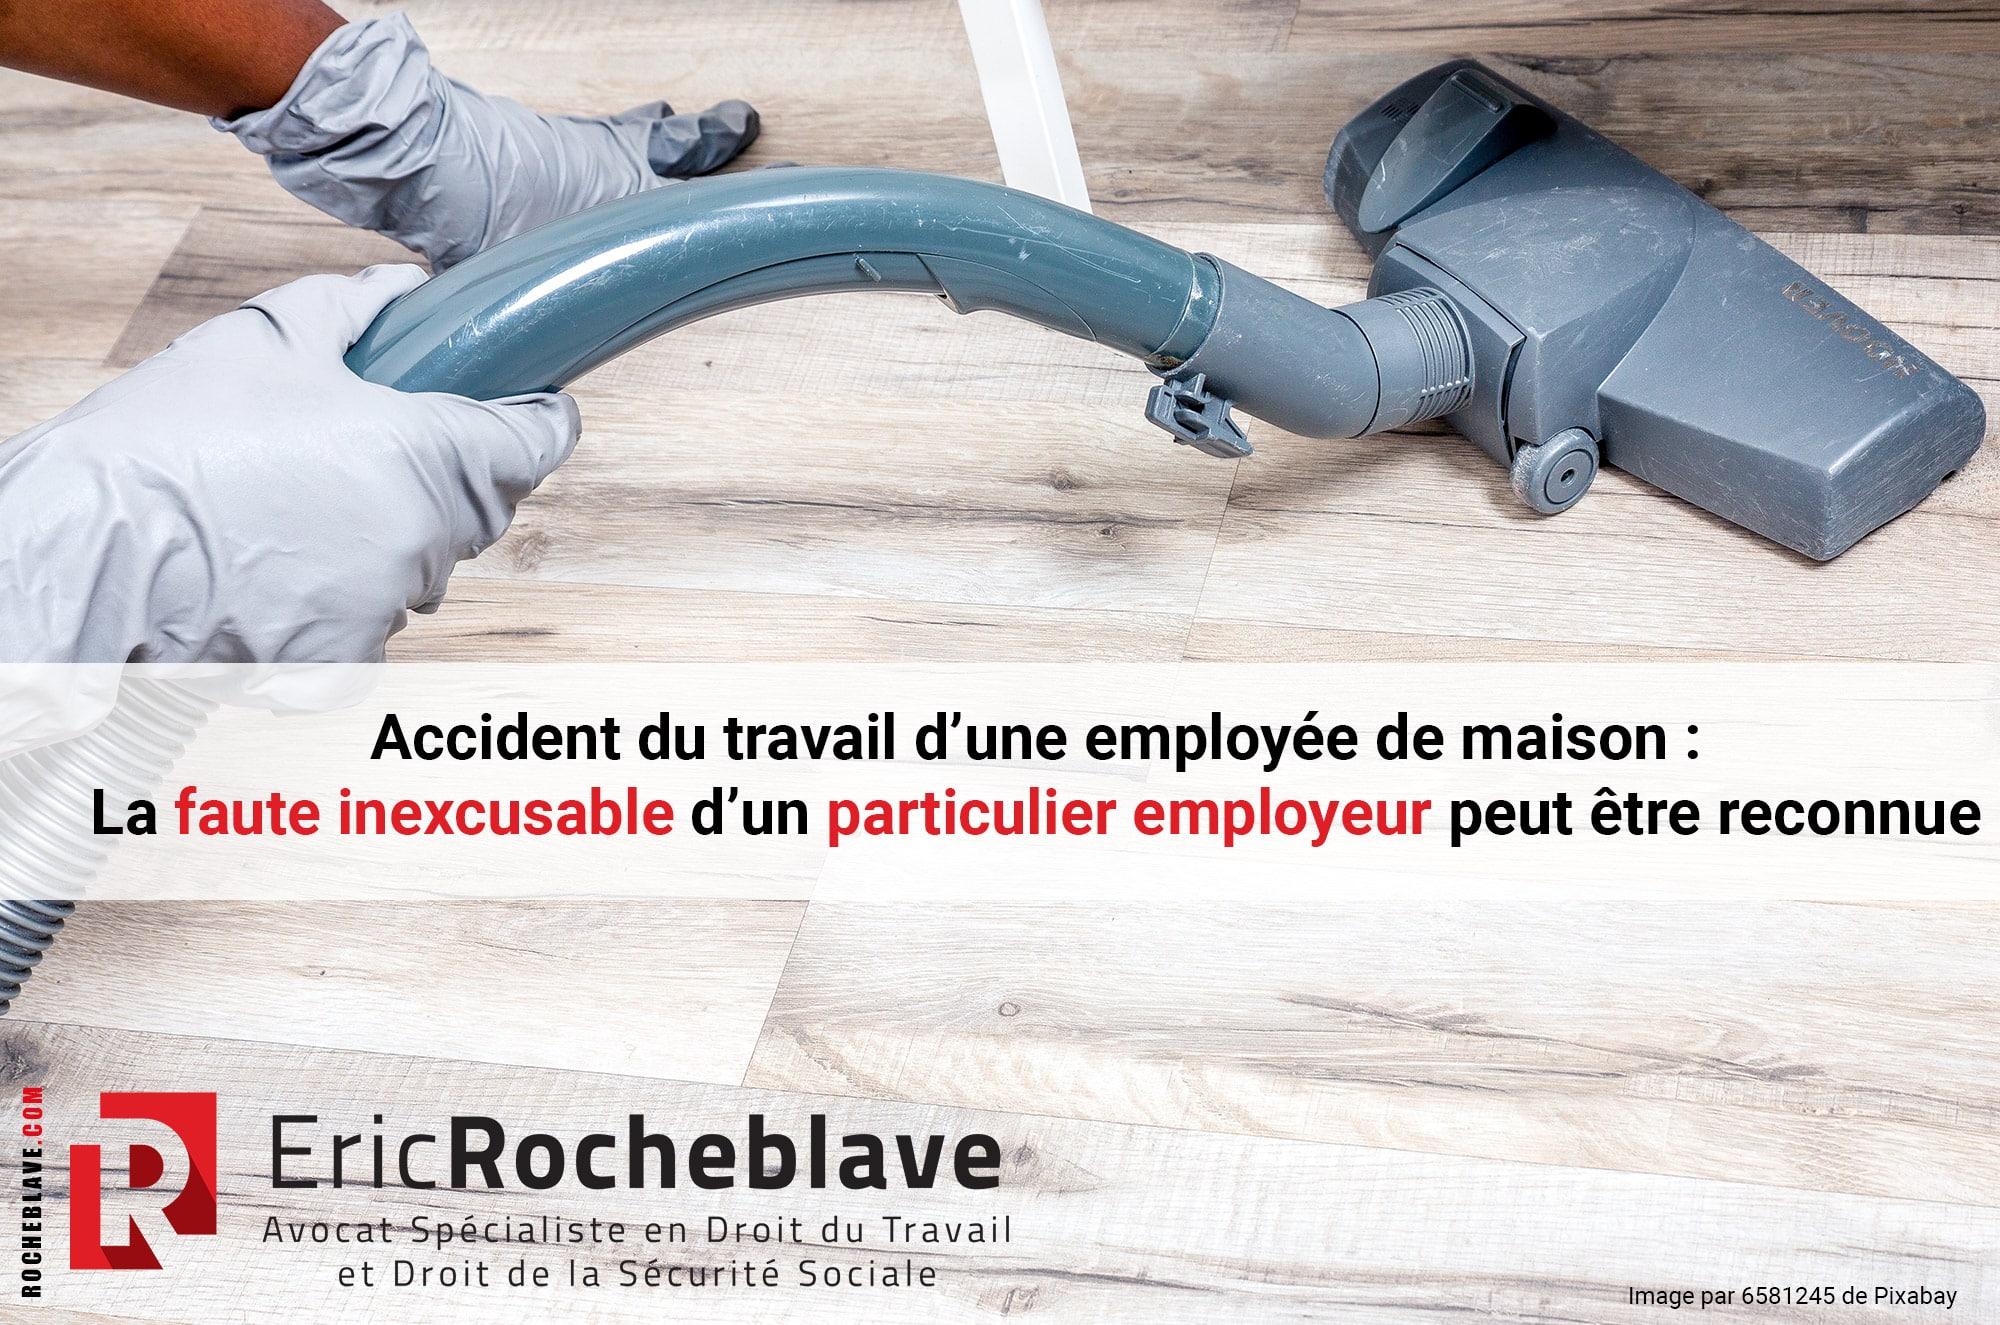 Accident du travail d'une employée de maison : La faute inexcusable d'un particulier employeur peut être reconnue